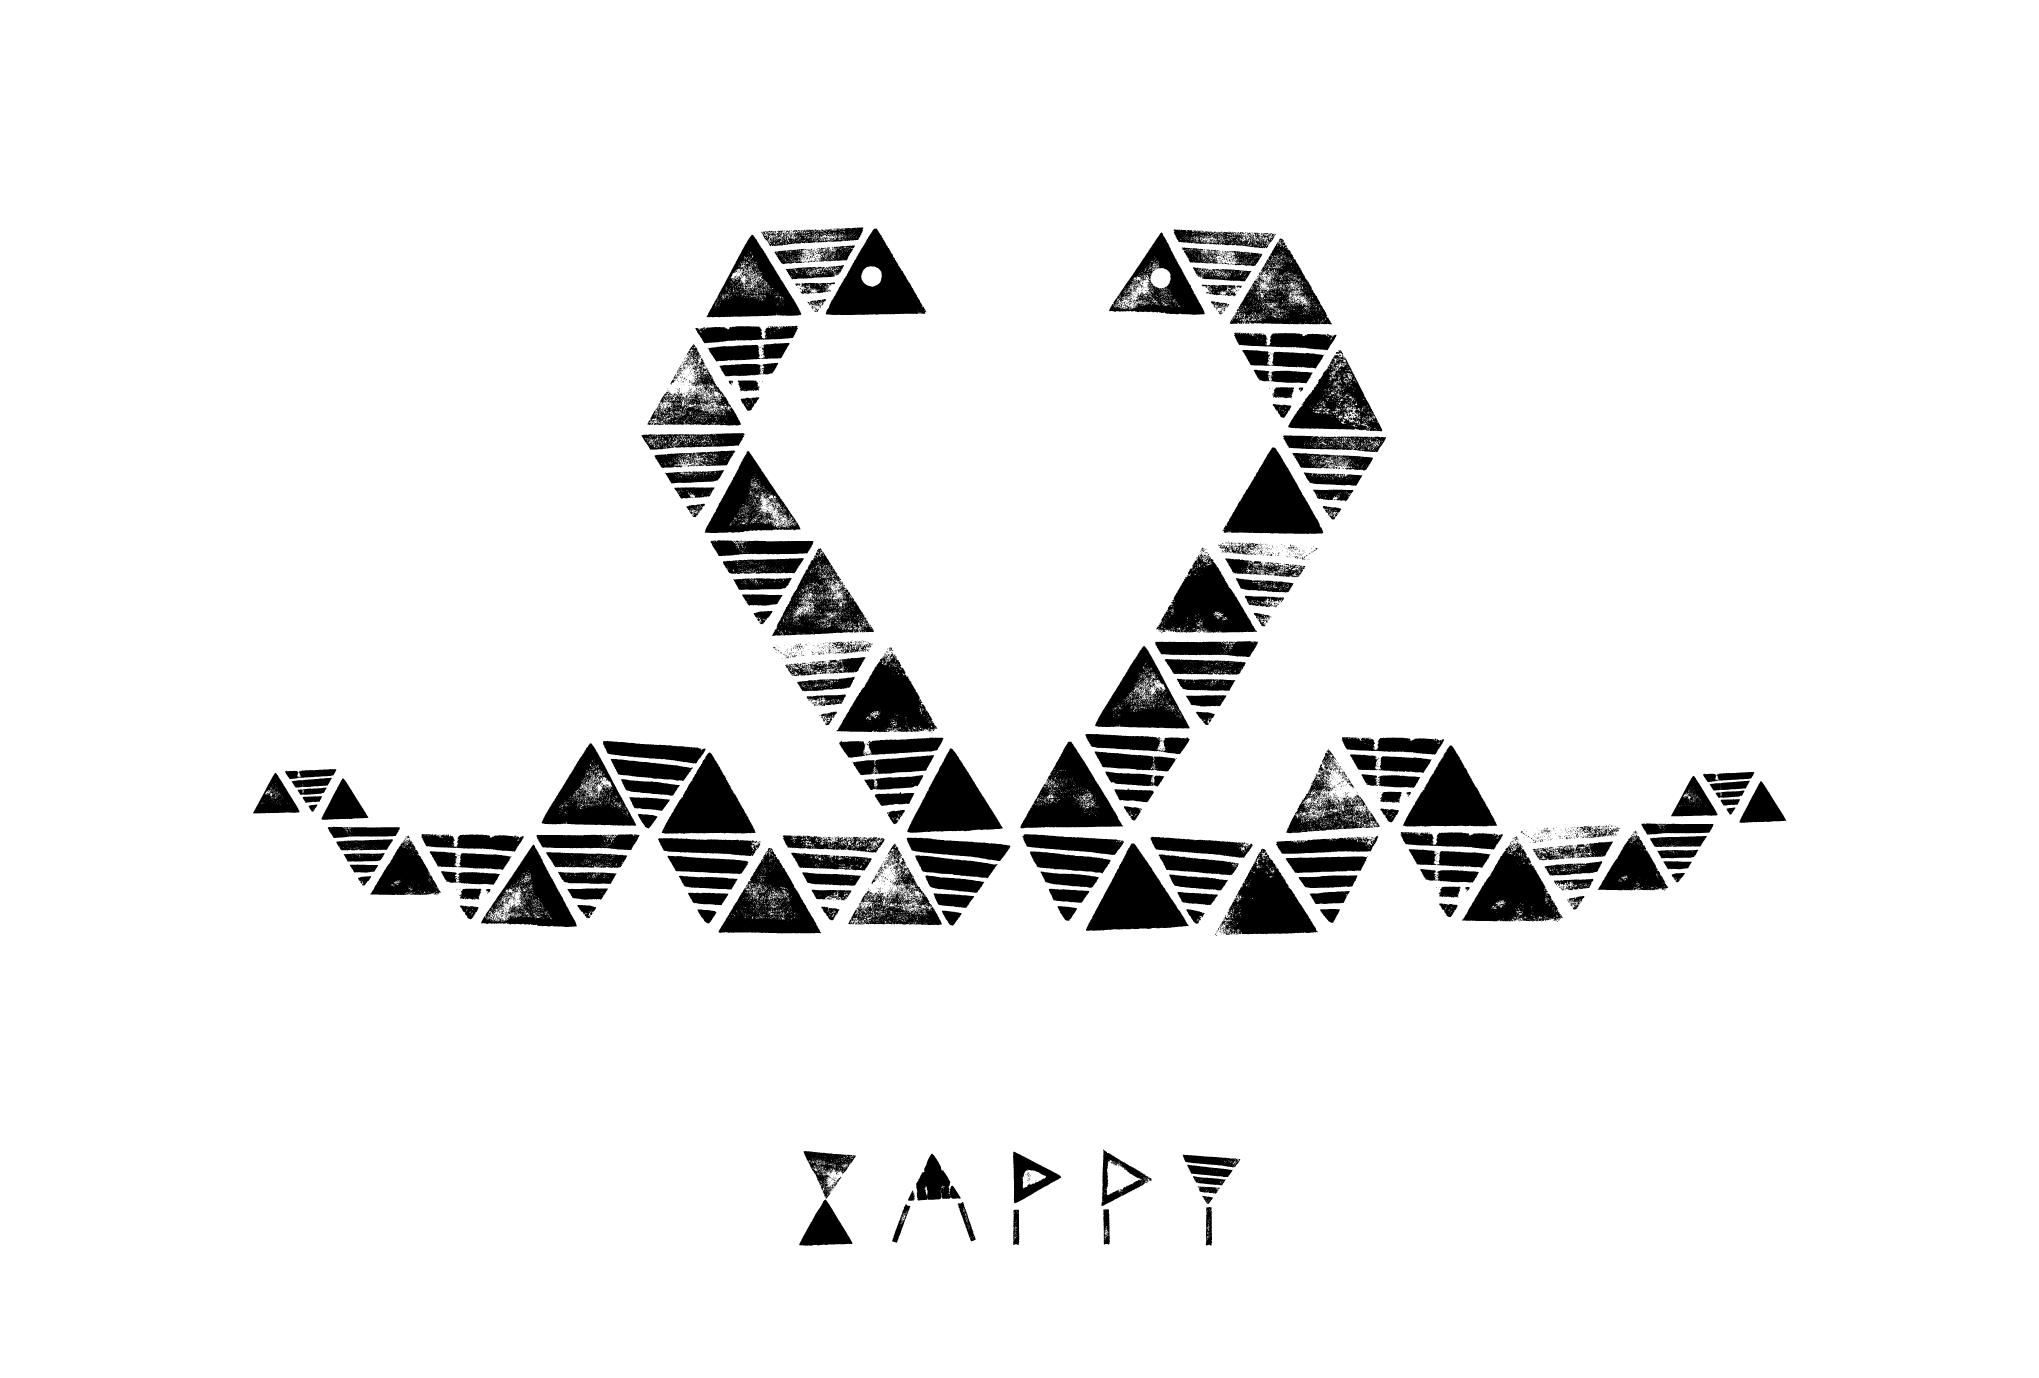 2013年賀状28-3:Snake heart / 3のダウンロード画像